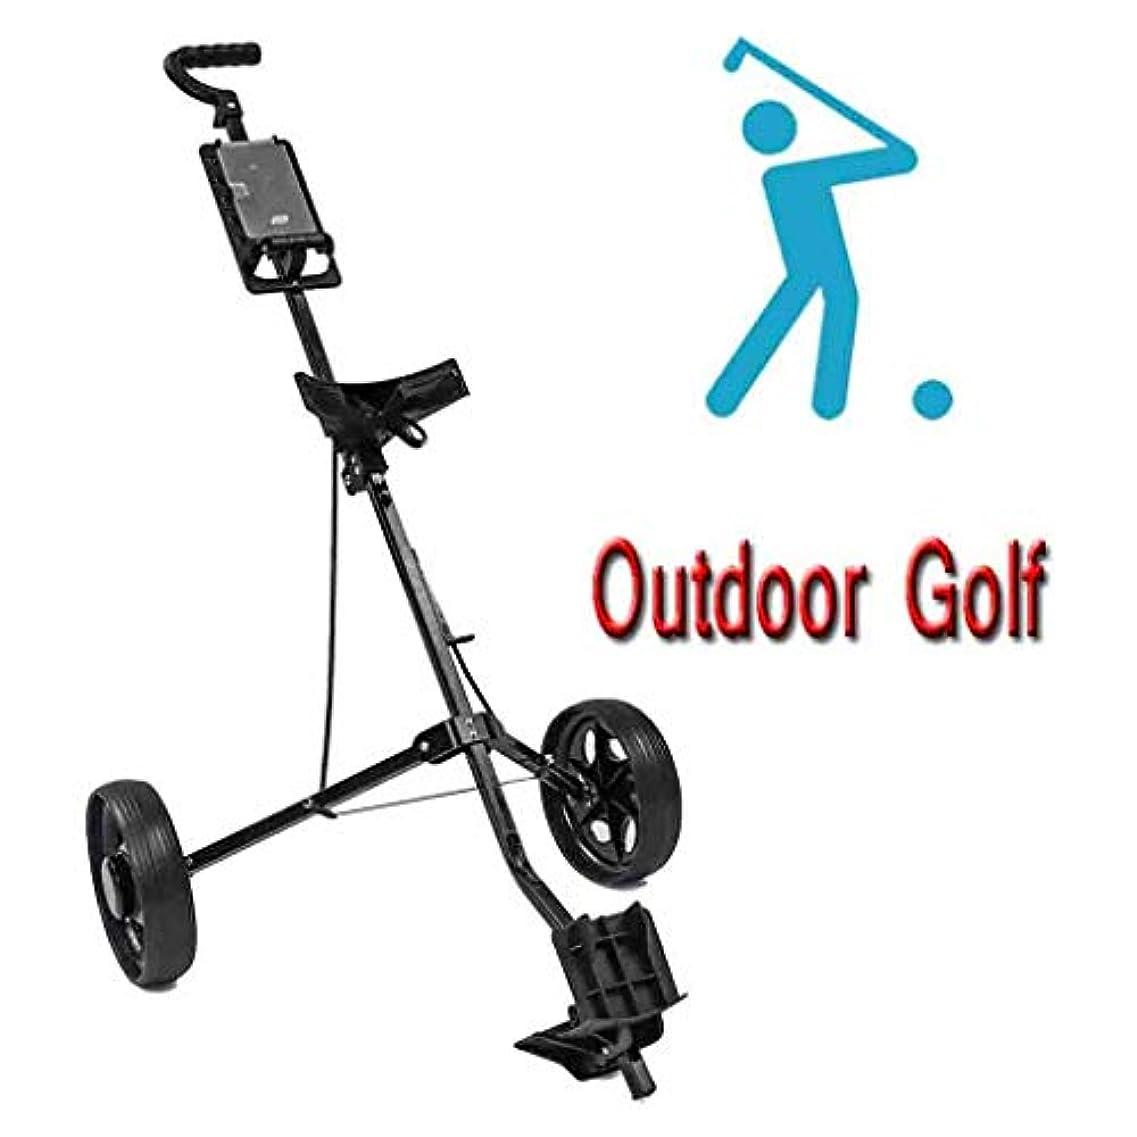 不公平リサイクルするボア2020新しいゴルフプッシュプルゴルフカート、アウトドアスポーツのためのスコアカード折りたたみ軽量ゴルフプッシュカート付き2ホイールゴルフトロリー